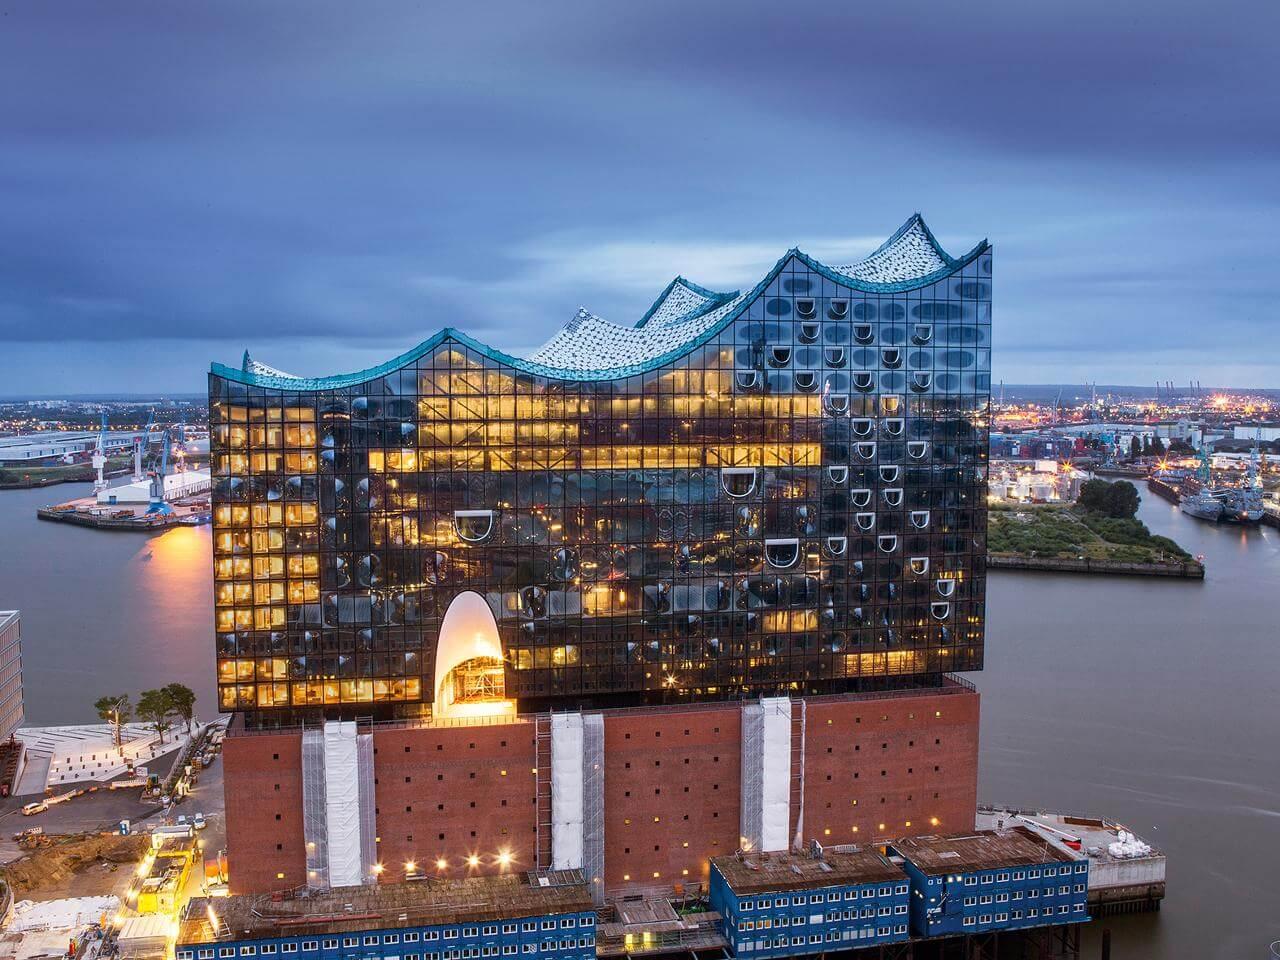 Немецкий с видео: Самое дорогое здание Германии — Elbphilharmonie. Репортаж 40 мин.